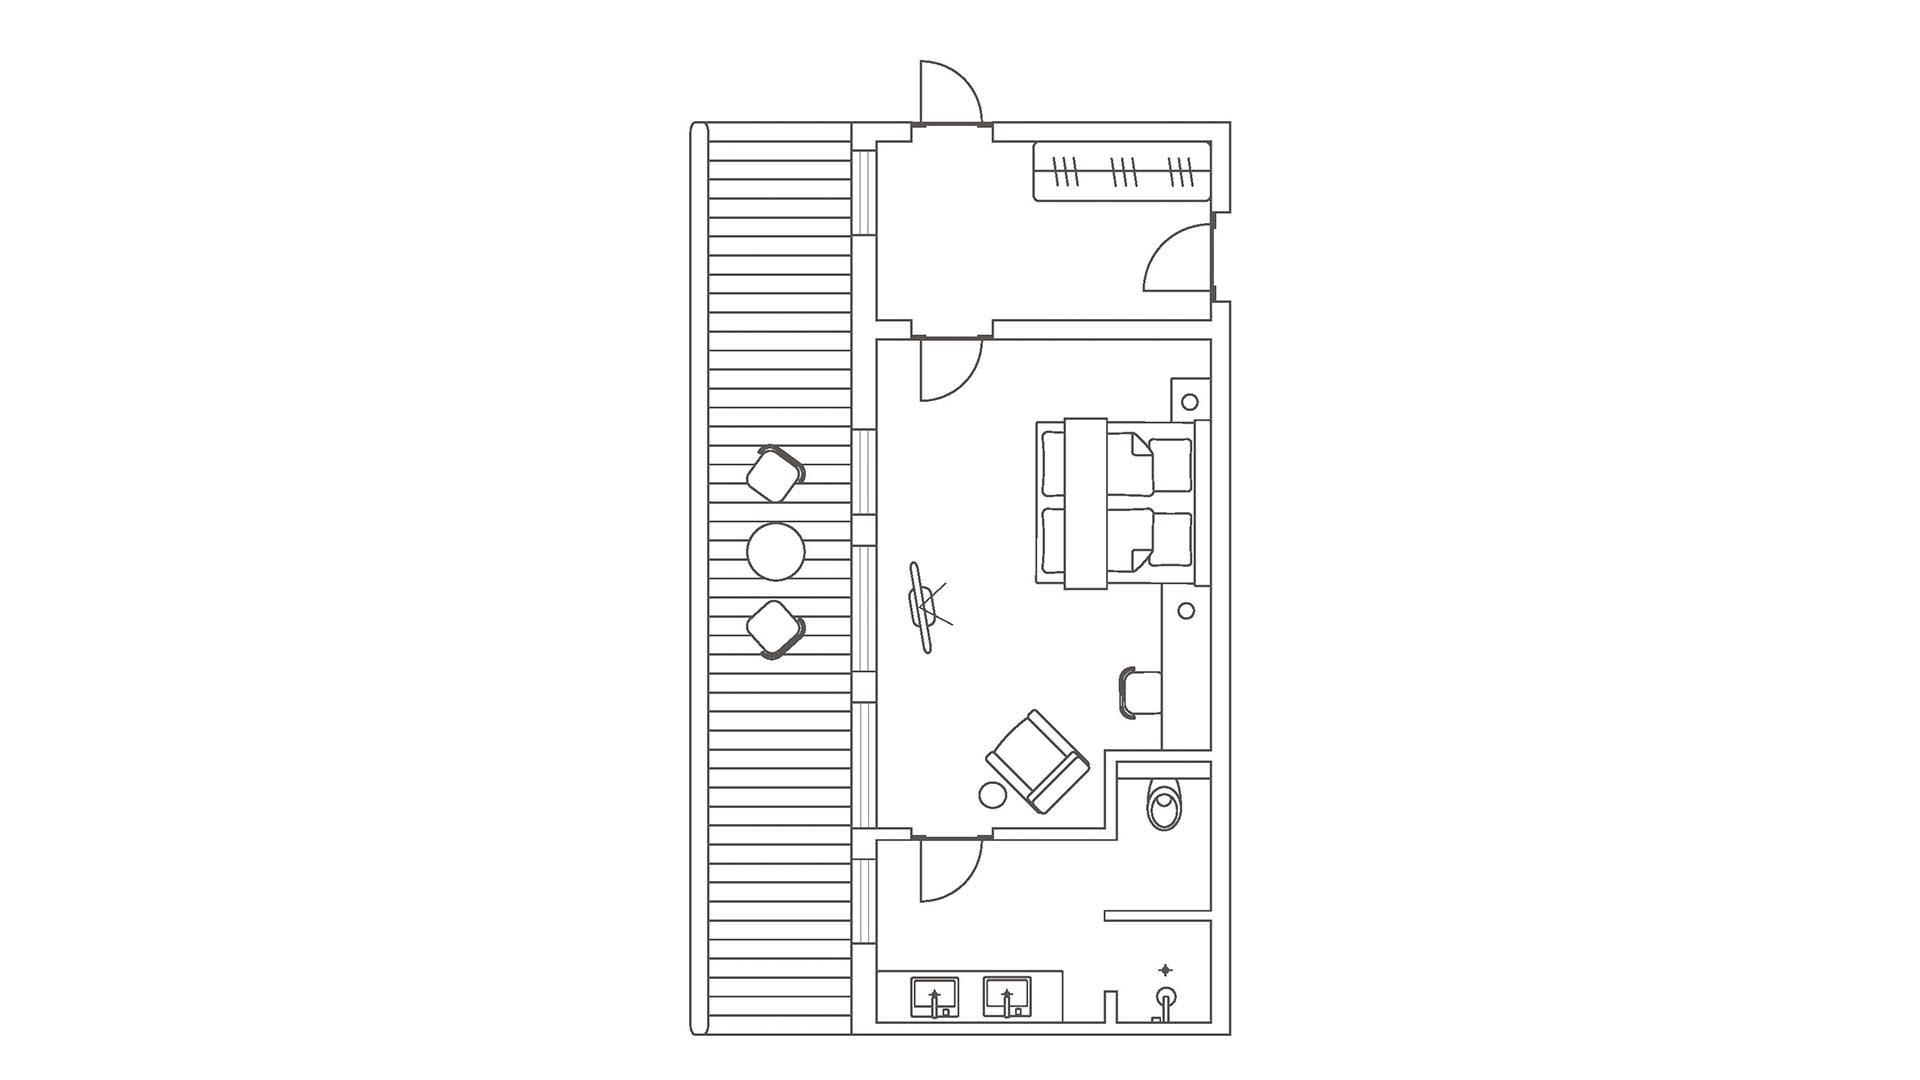 4_Doppelzimmer-STERN-35qm_0056_GR_DZ_Sonne.jpg